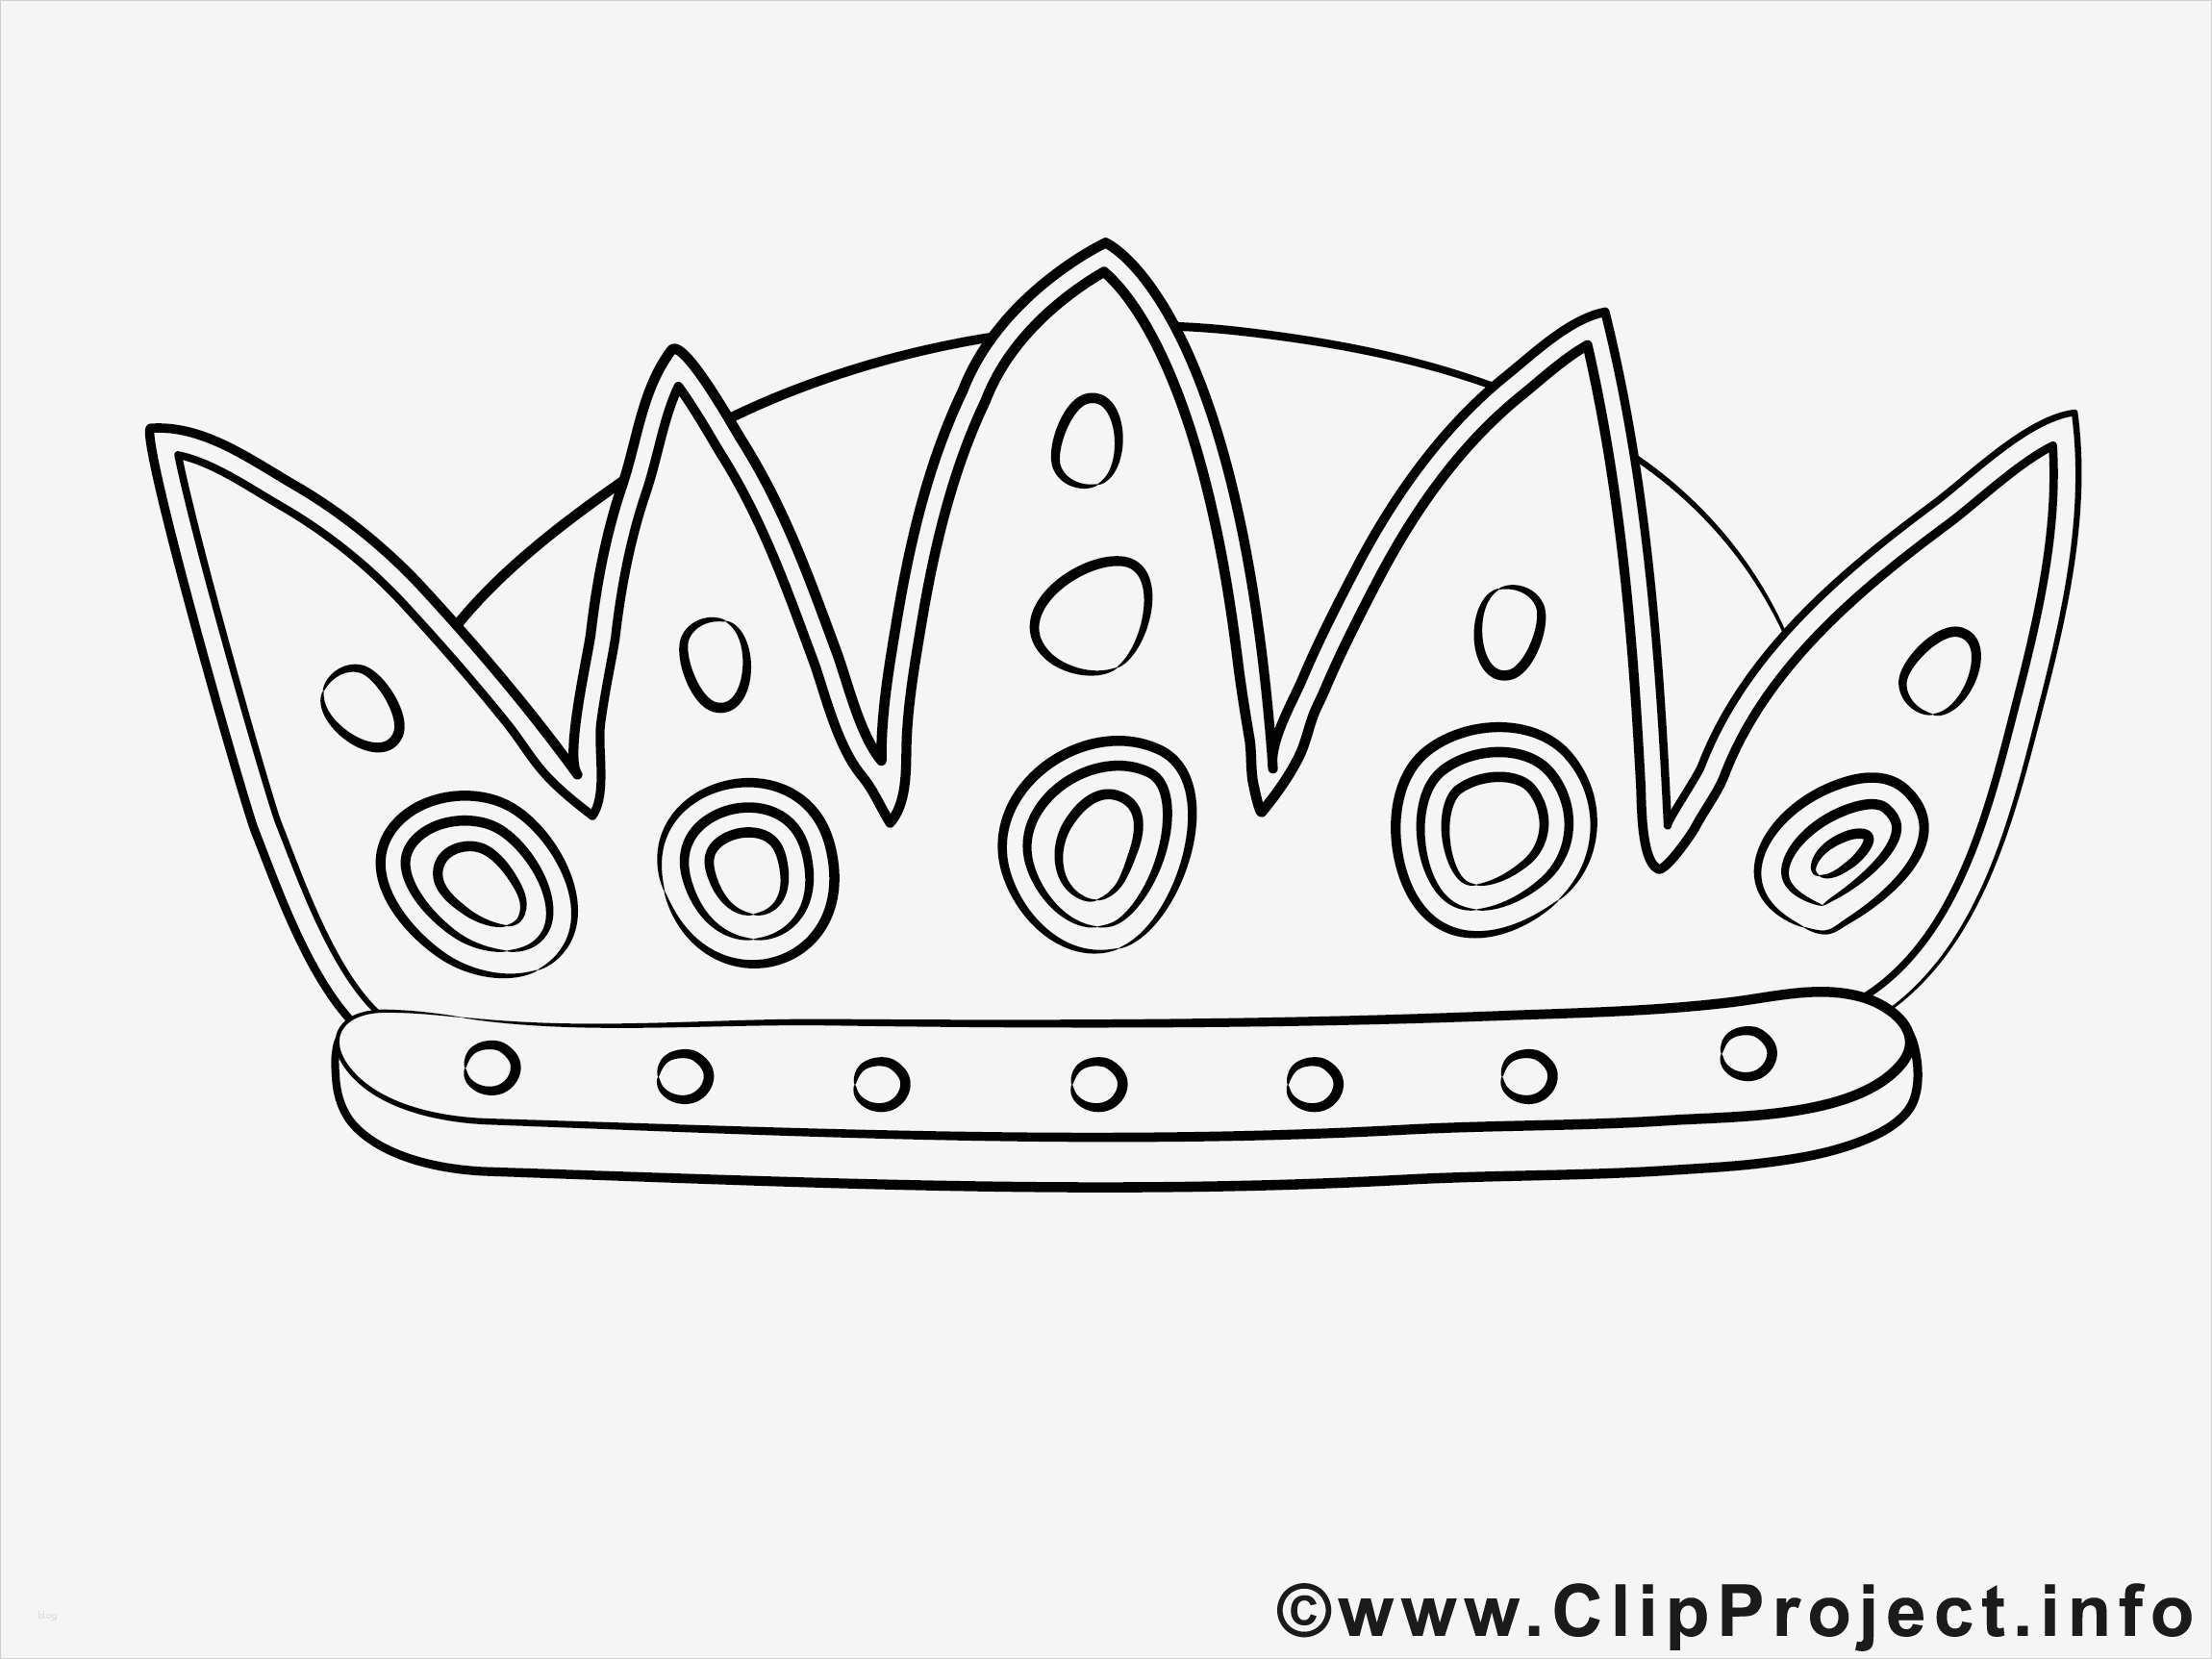 krone vorlage süß krone malvorlage   vorlage ideen